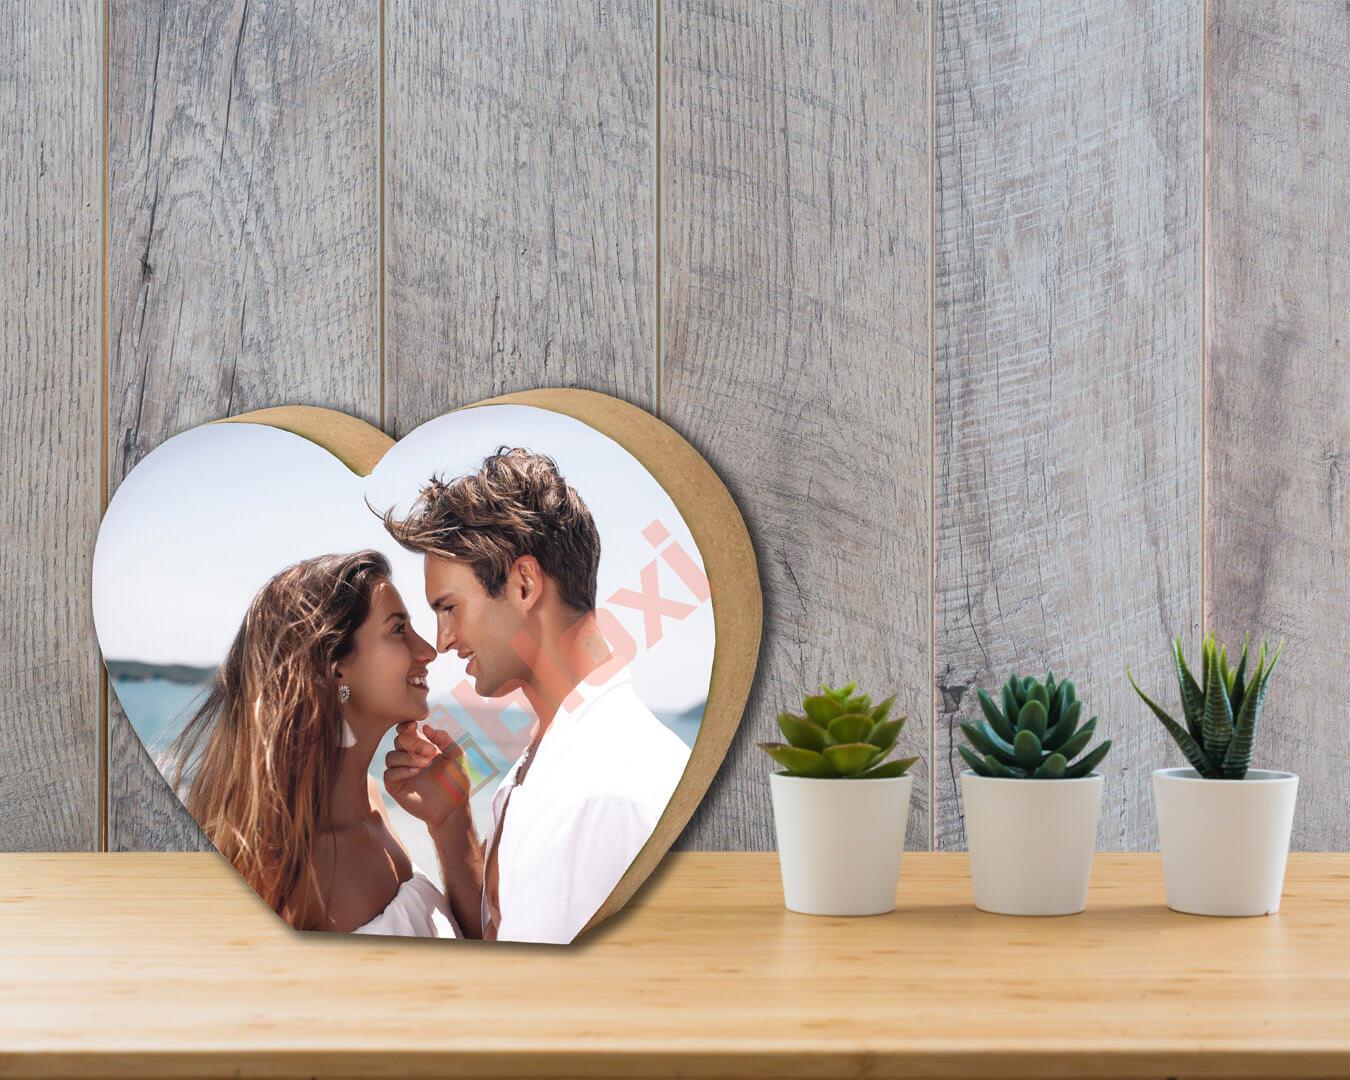 הדפסה על בלוק עץ בצורת לב